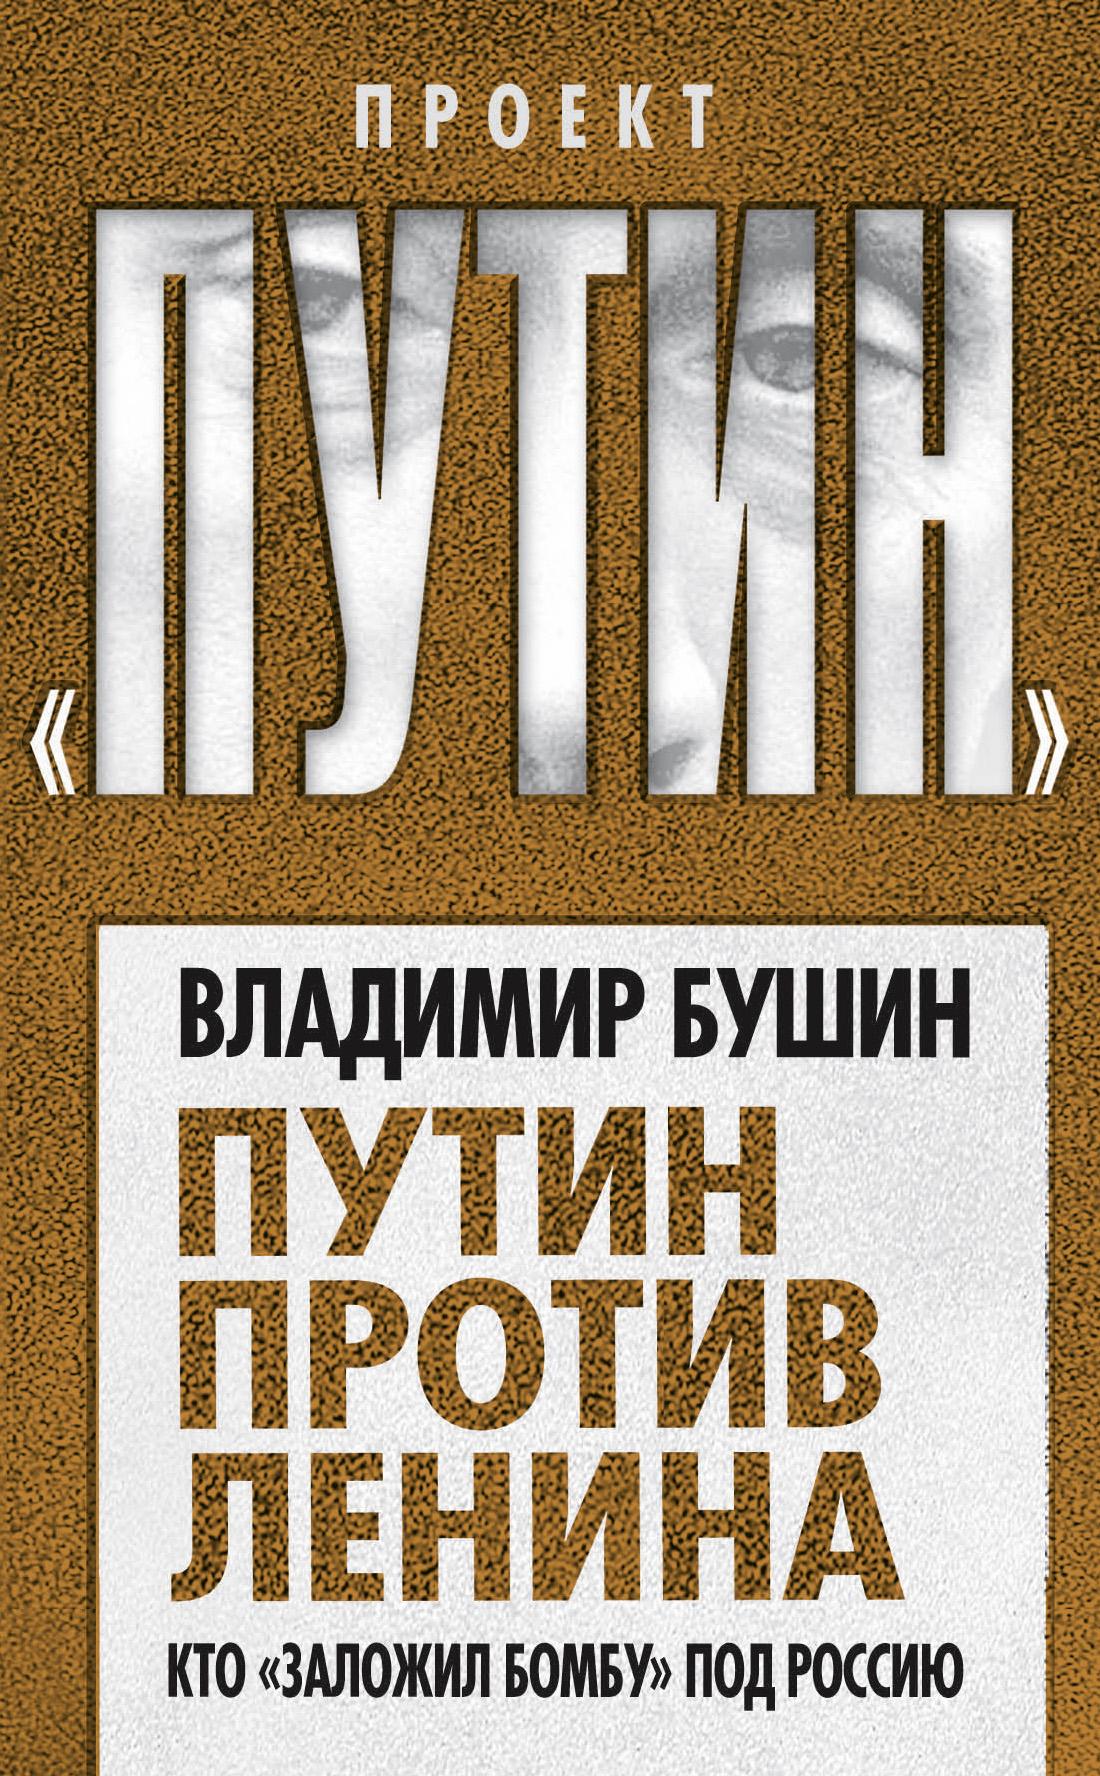 Путин против Ленина. Кто заложил бомбу под Россию